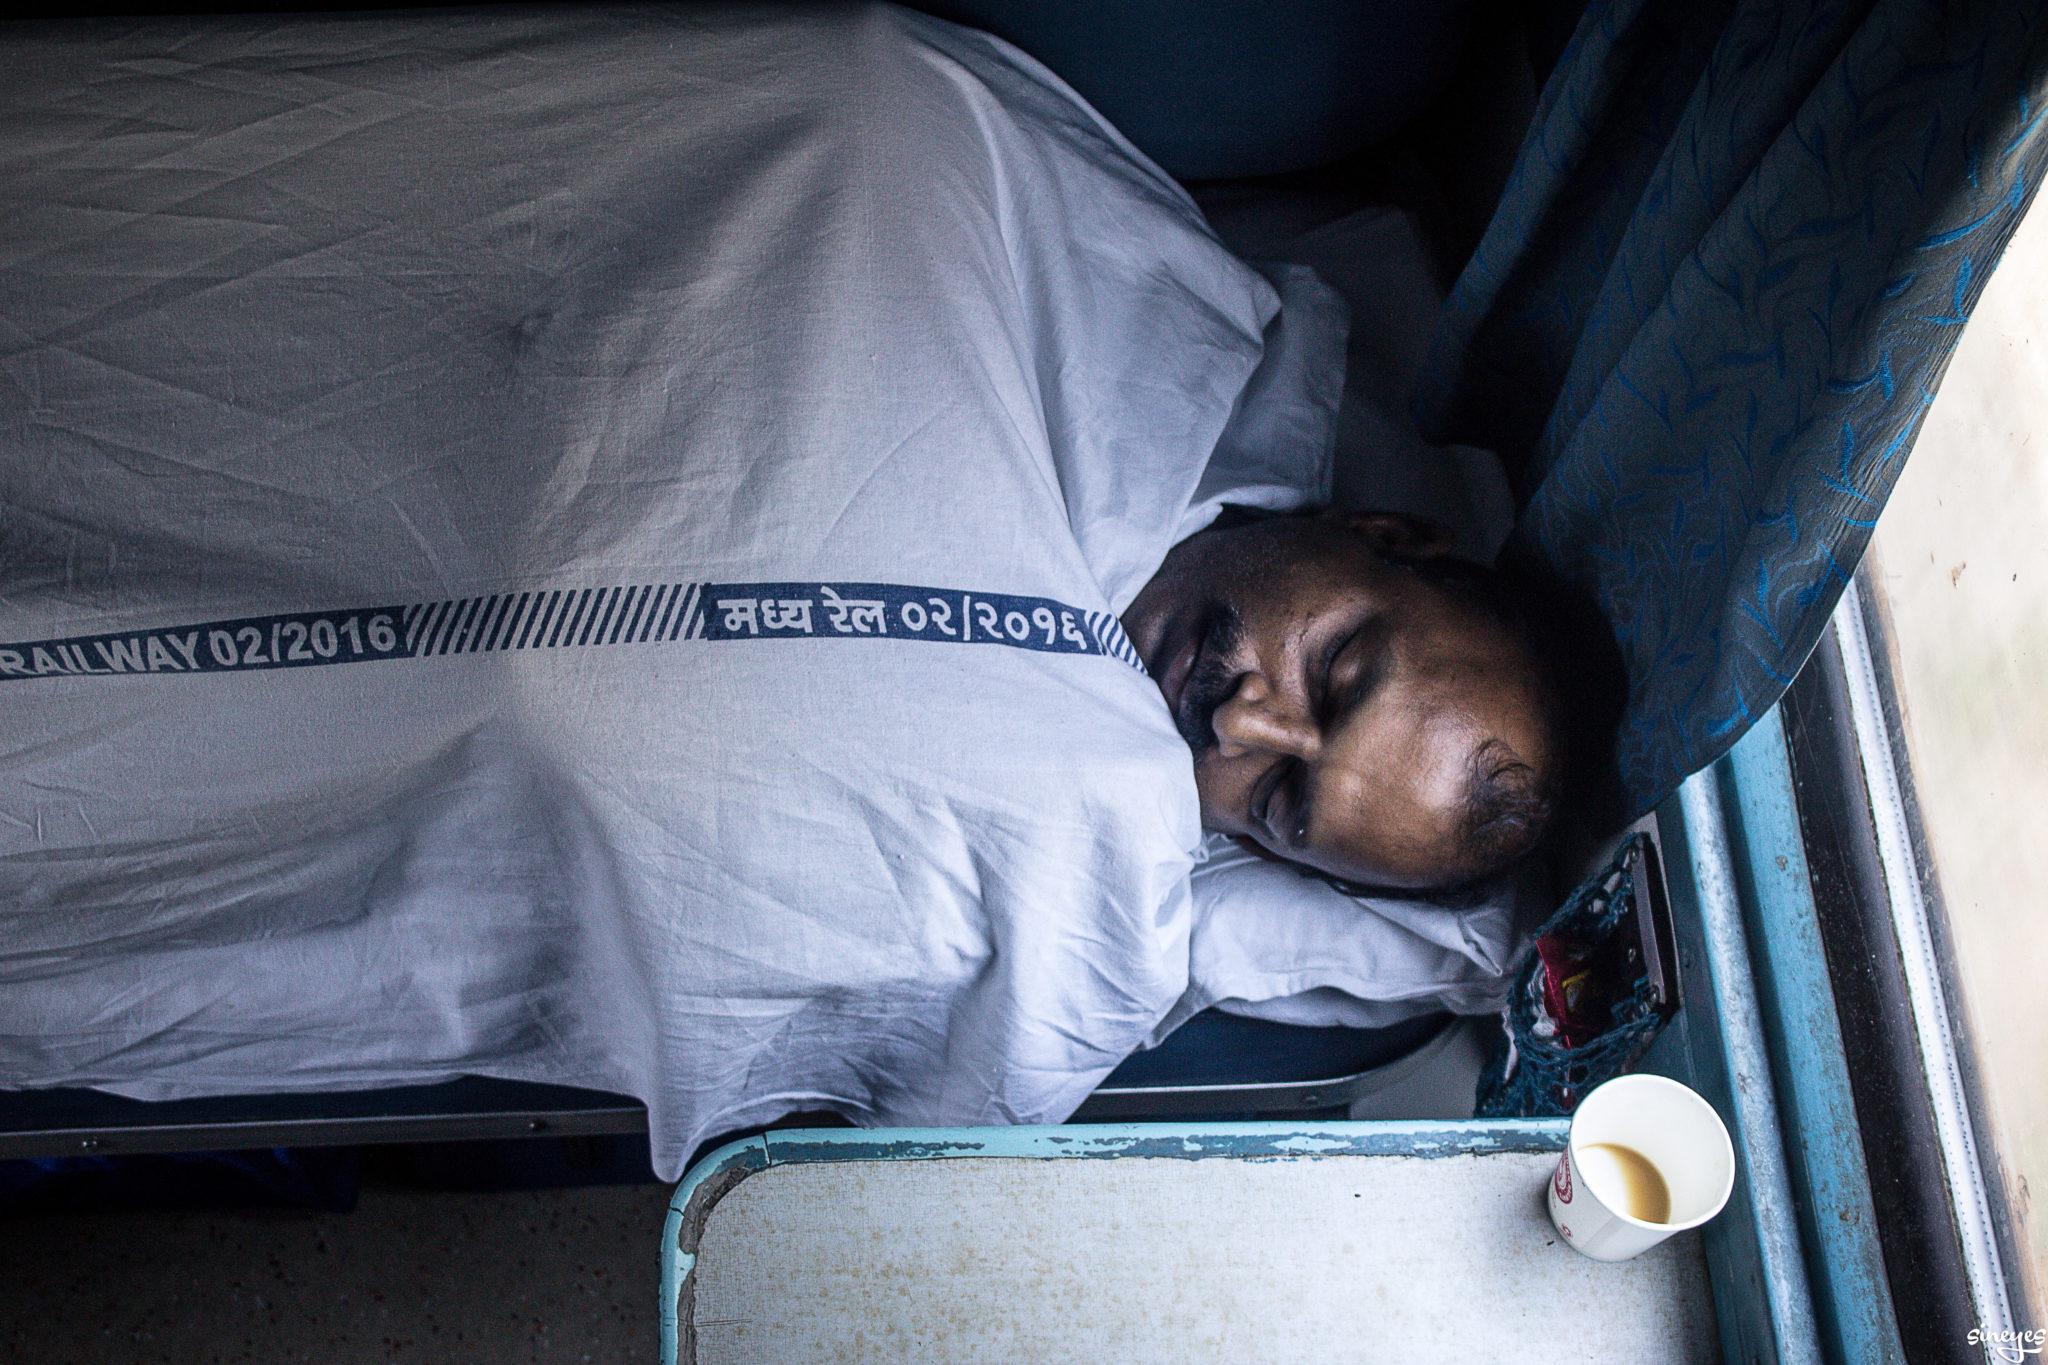 La belle au bois dormant - Ernakulam, Inde by sineyes